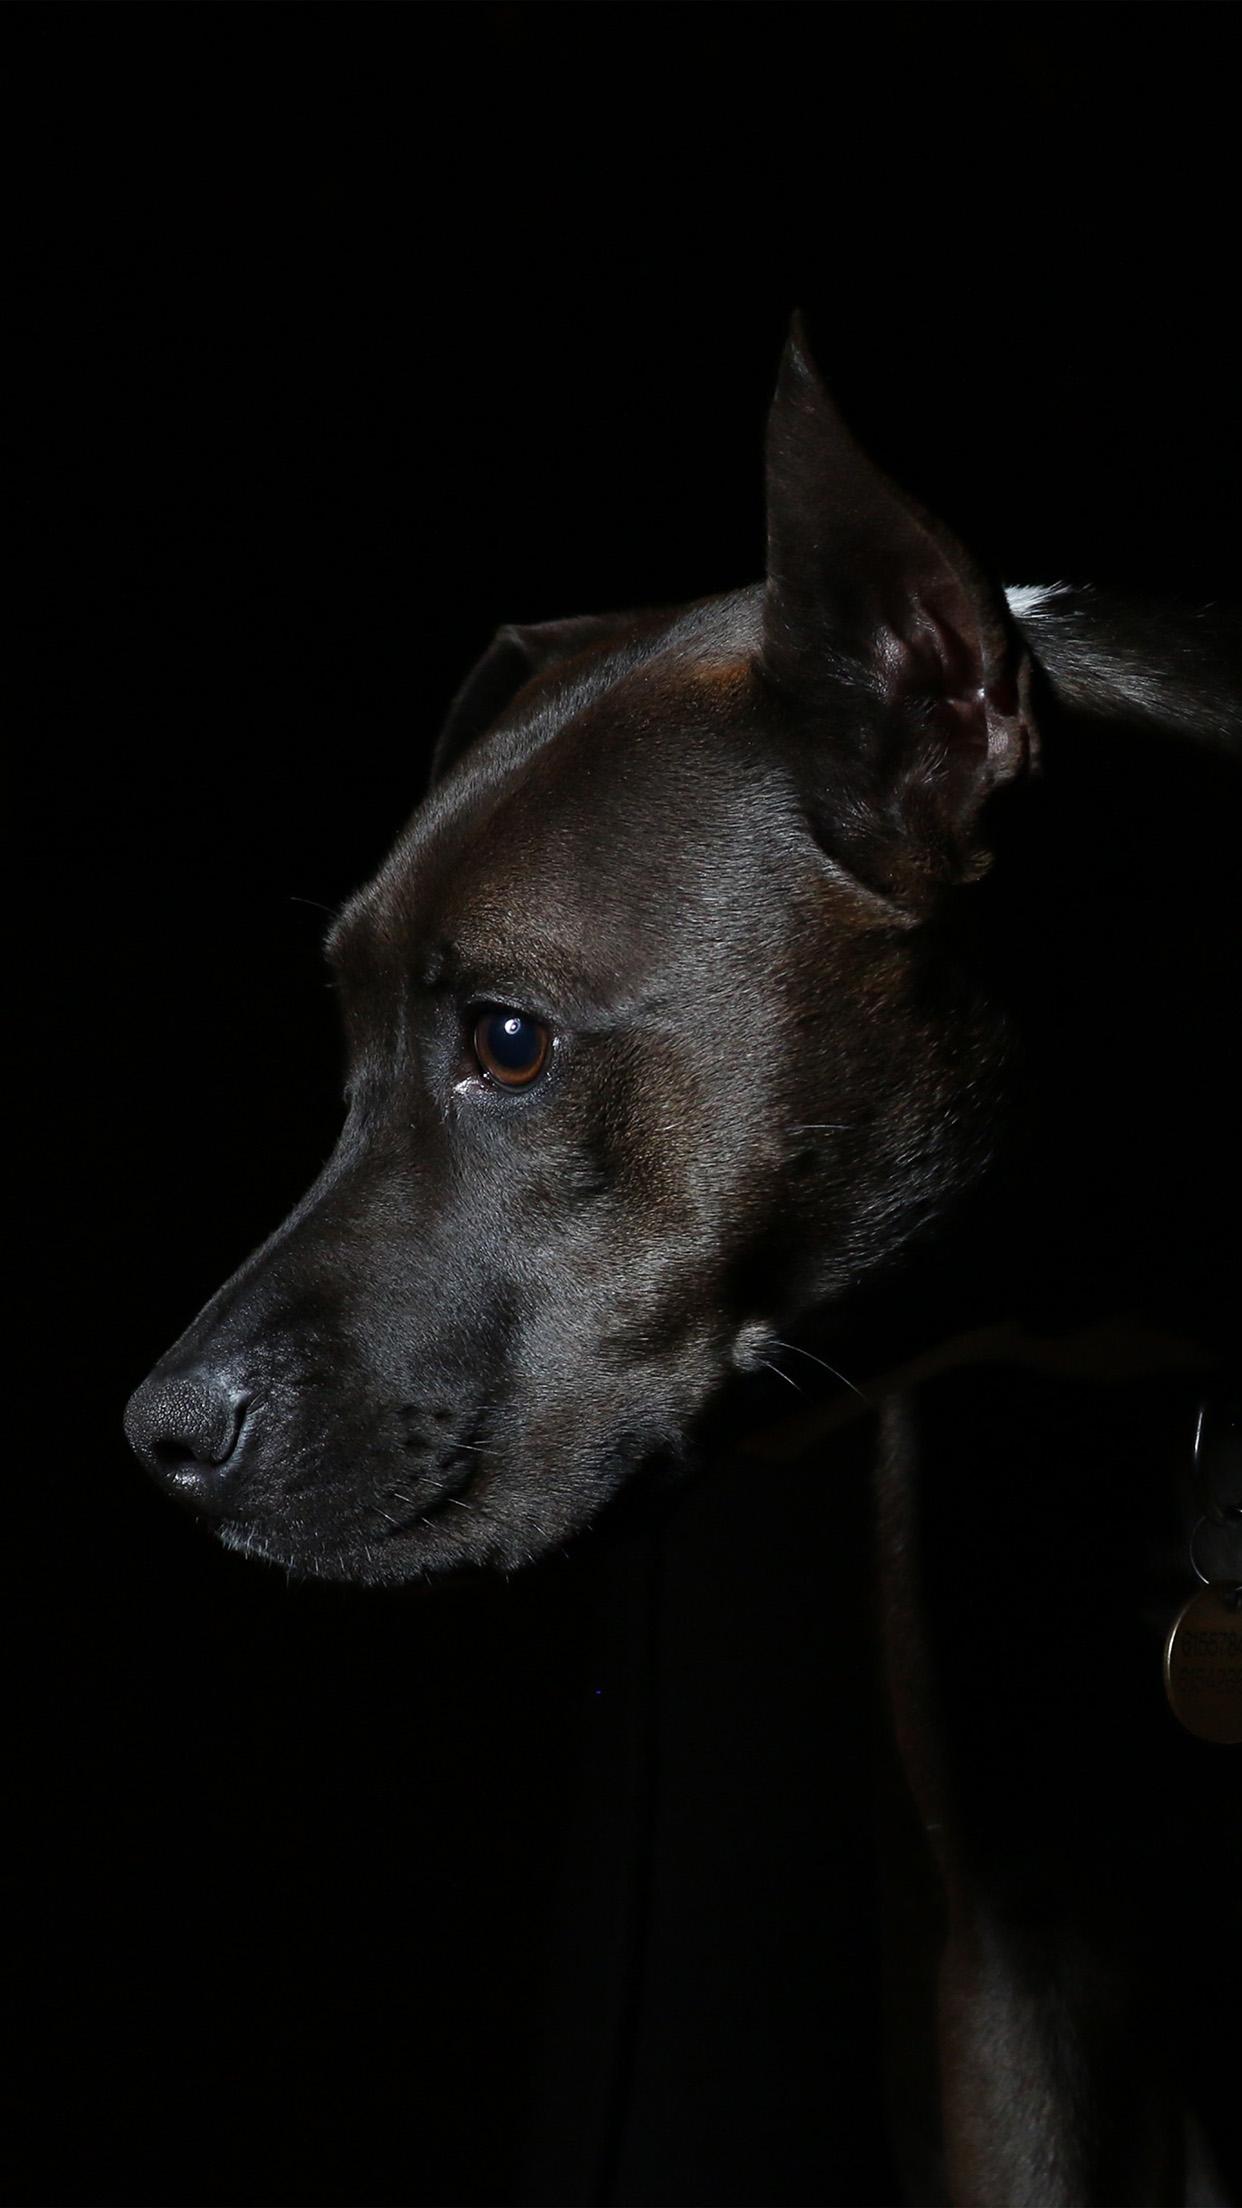 Nj37 Dog Dark Animal